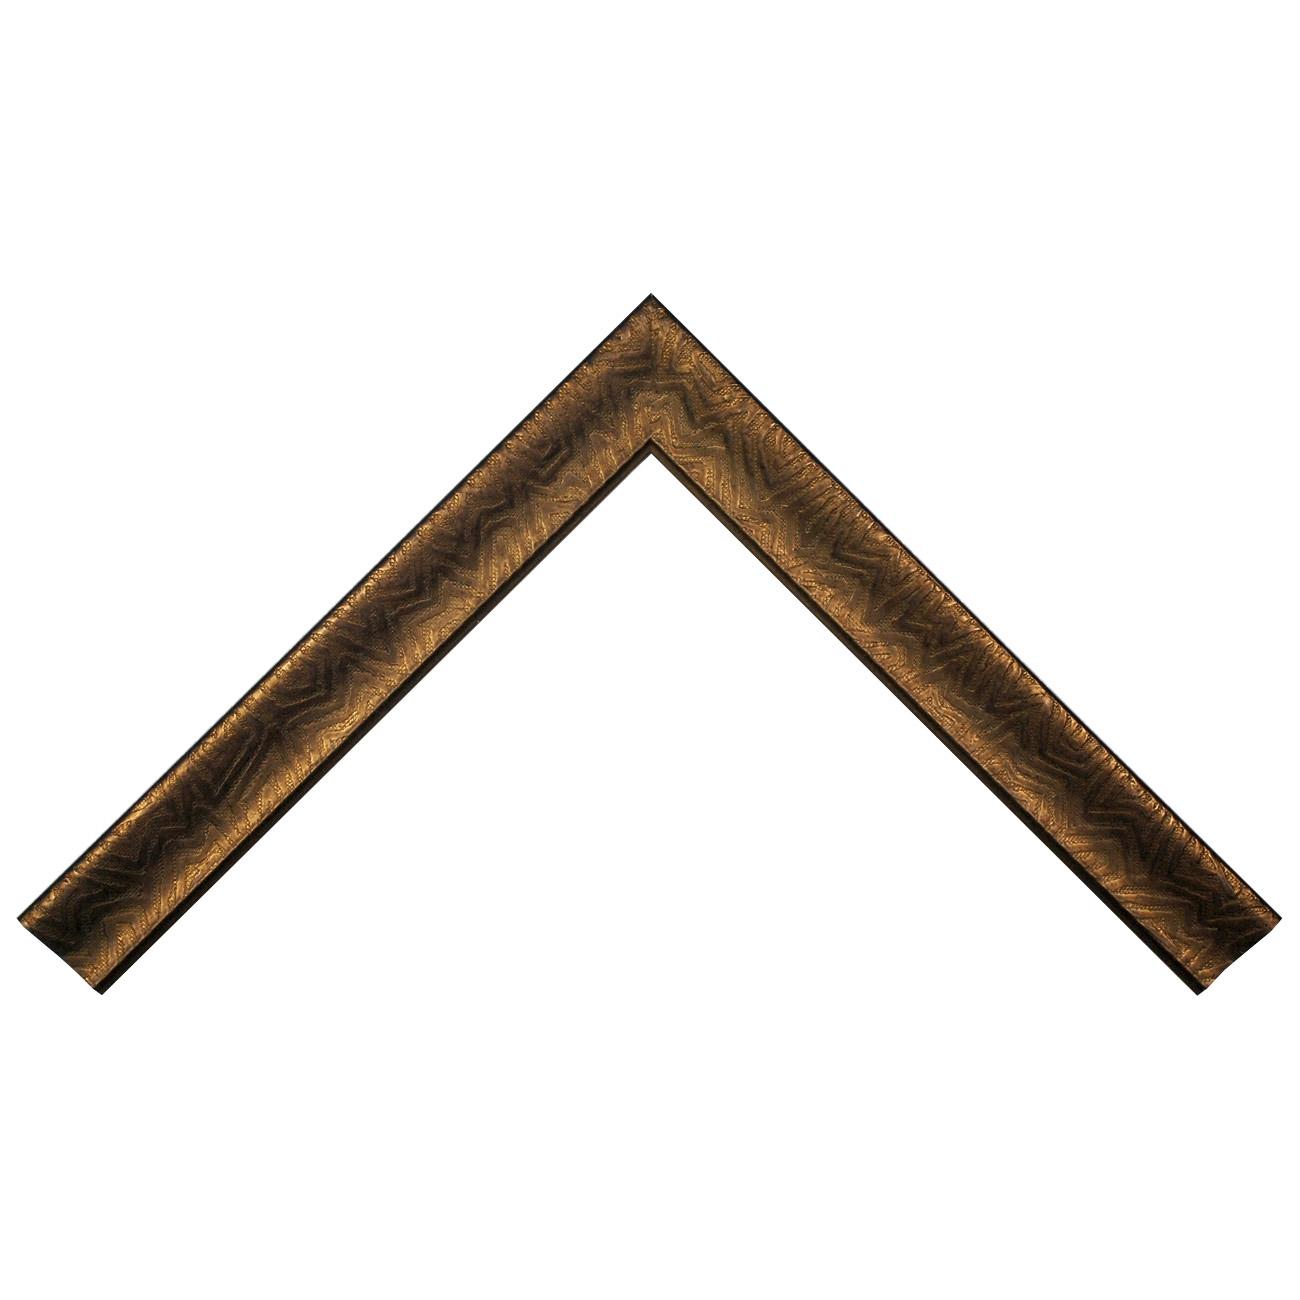 Baguette bois profil incurvé largeur 4.5cm cuivre foncé finition aspect cuir